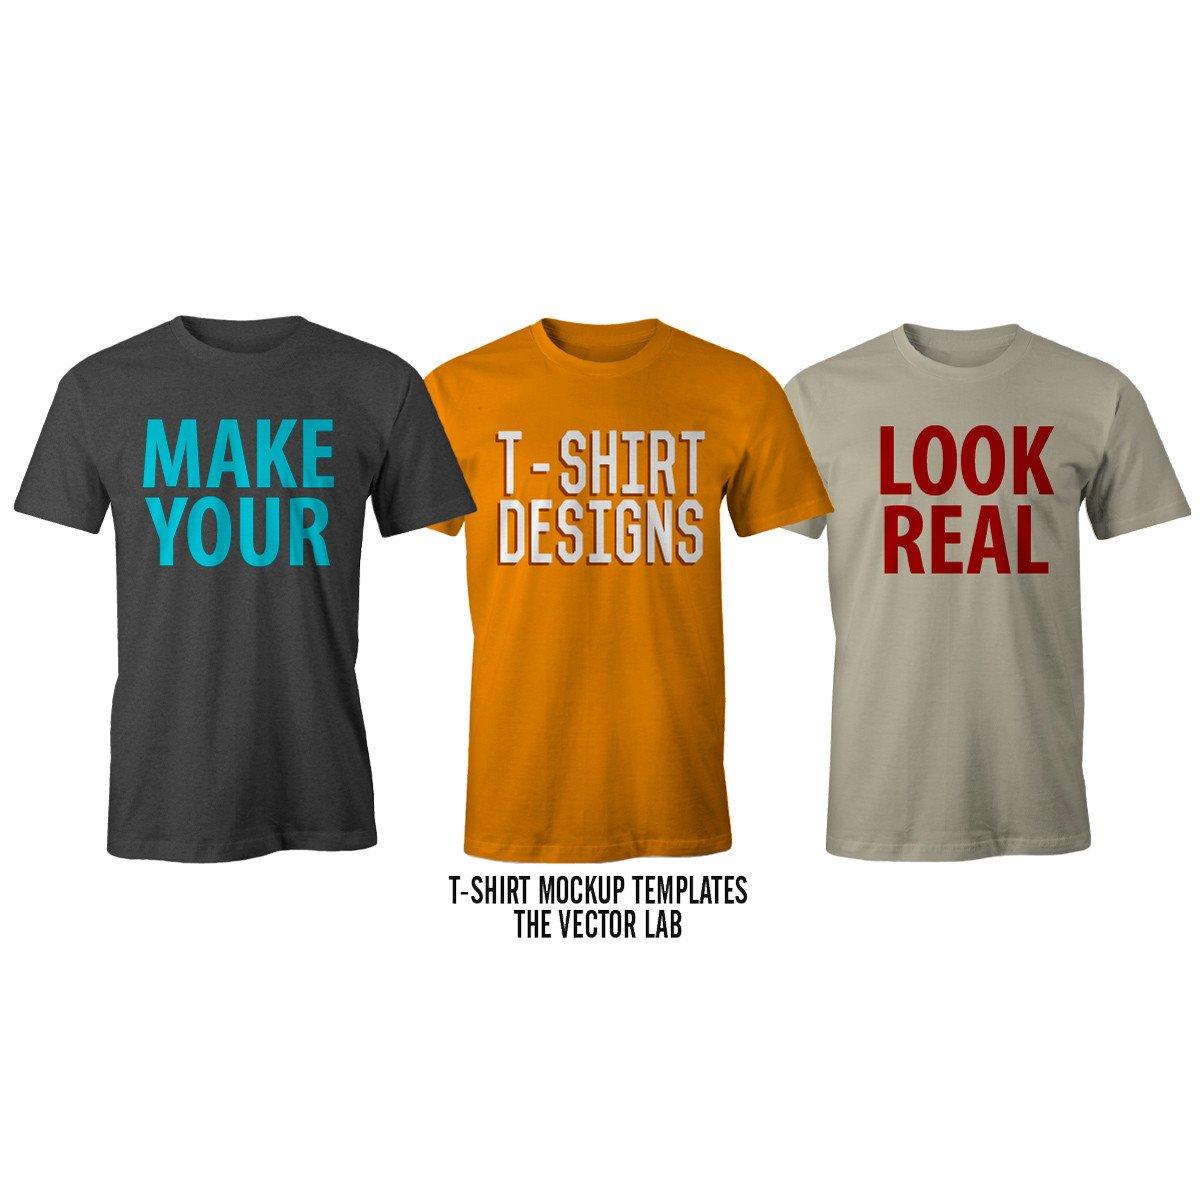 Shirt Mockup Vector At Getdrawings Free For Personal Use Shirt